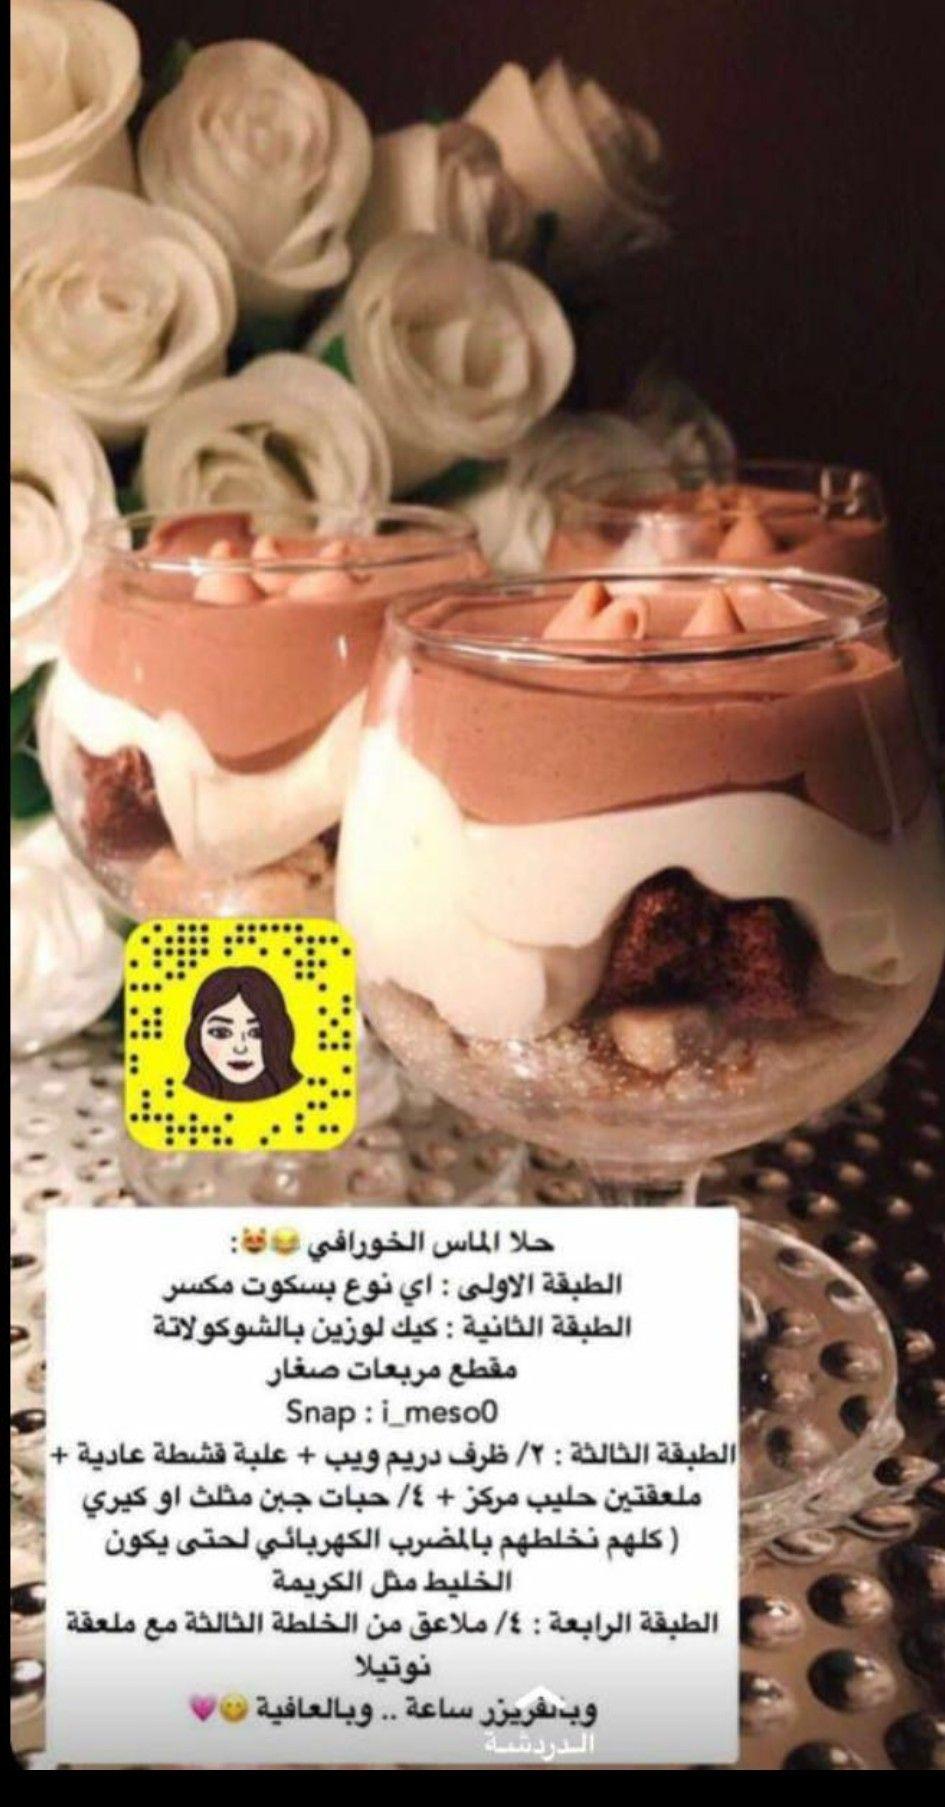 Pin By Marwa On وصفات من كل بلدان العربية Yummy Food Dessert Food Recipies Food Receipes